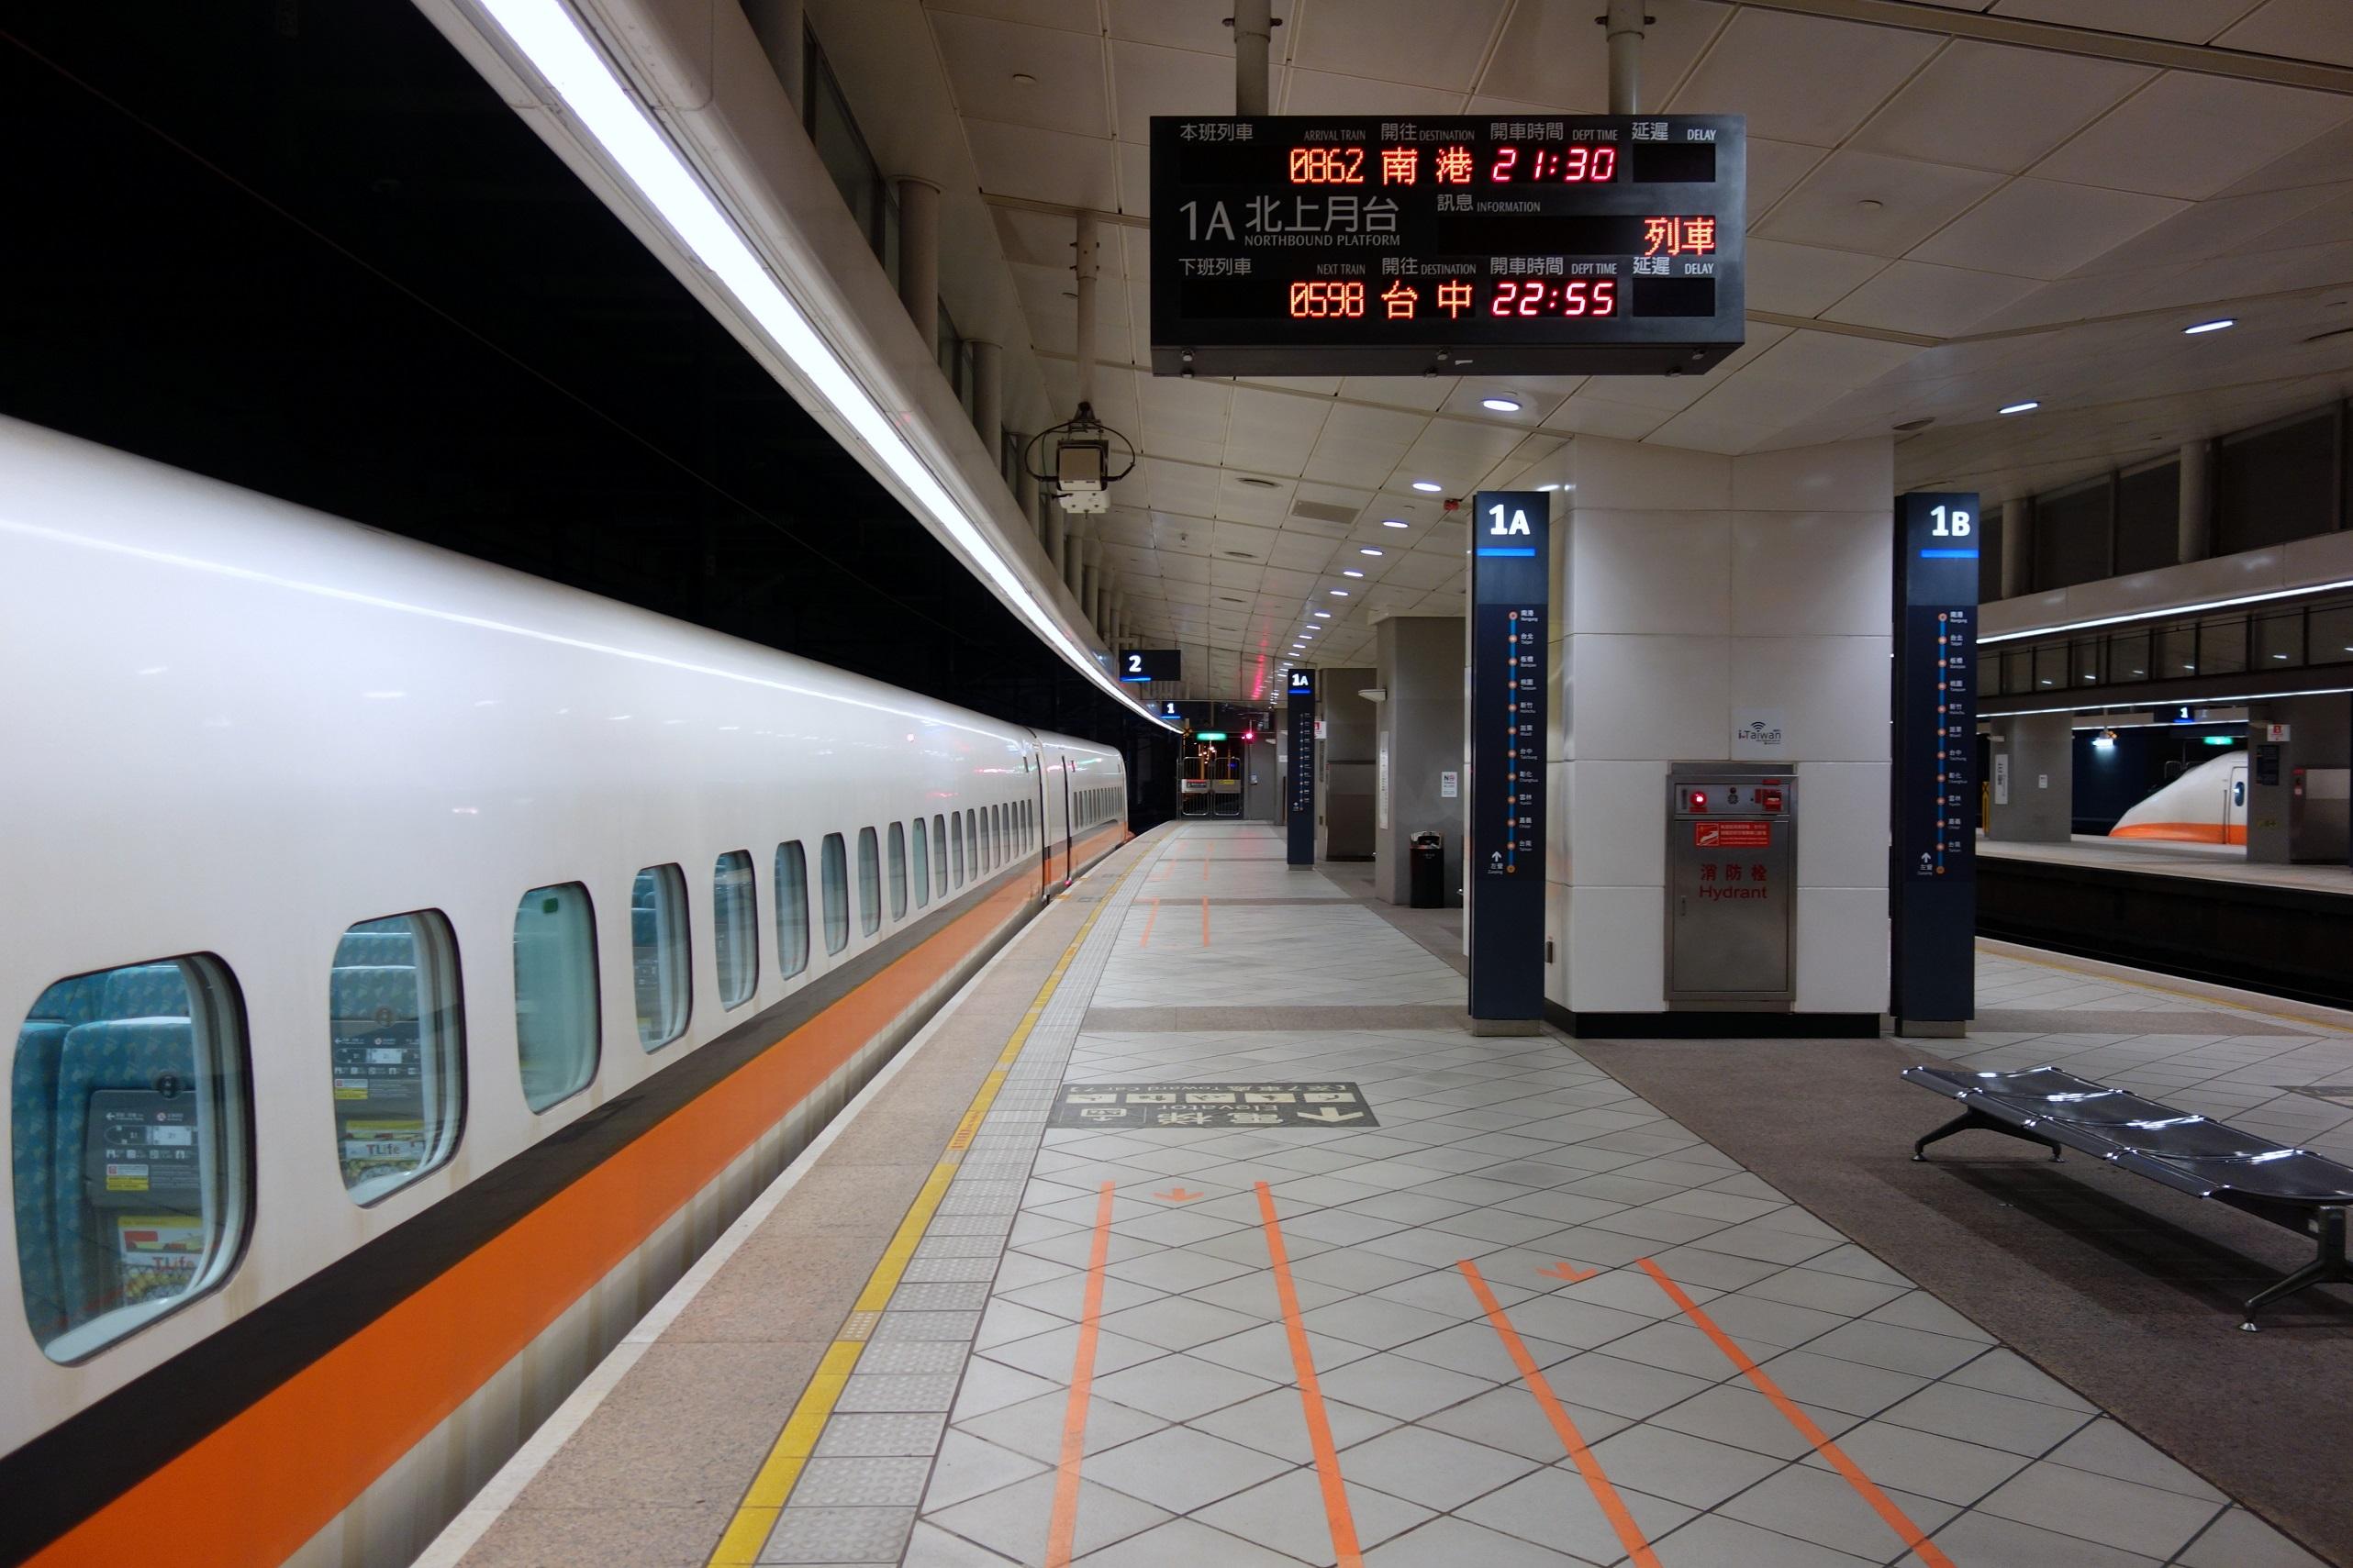 Taiwan High Speed Rail (HSR) - szybka kolej na Tajwanie